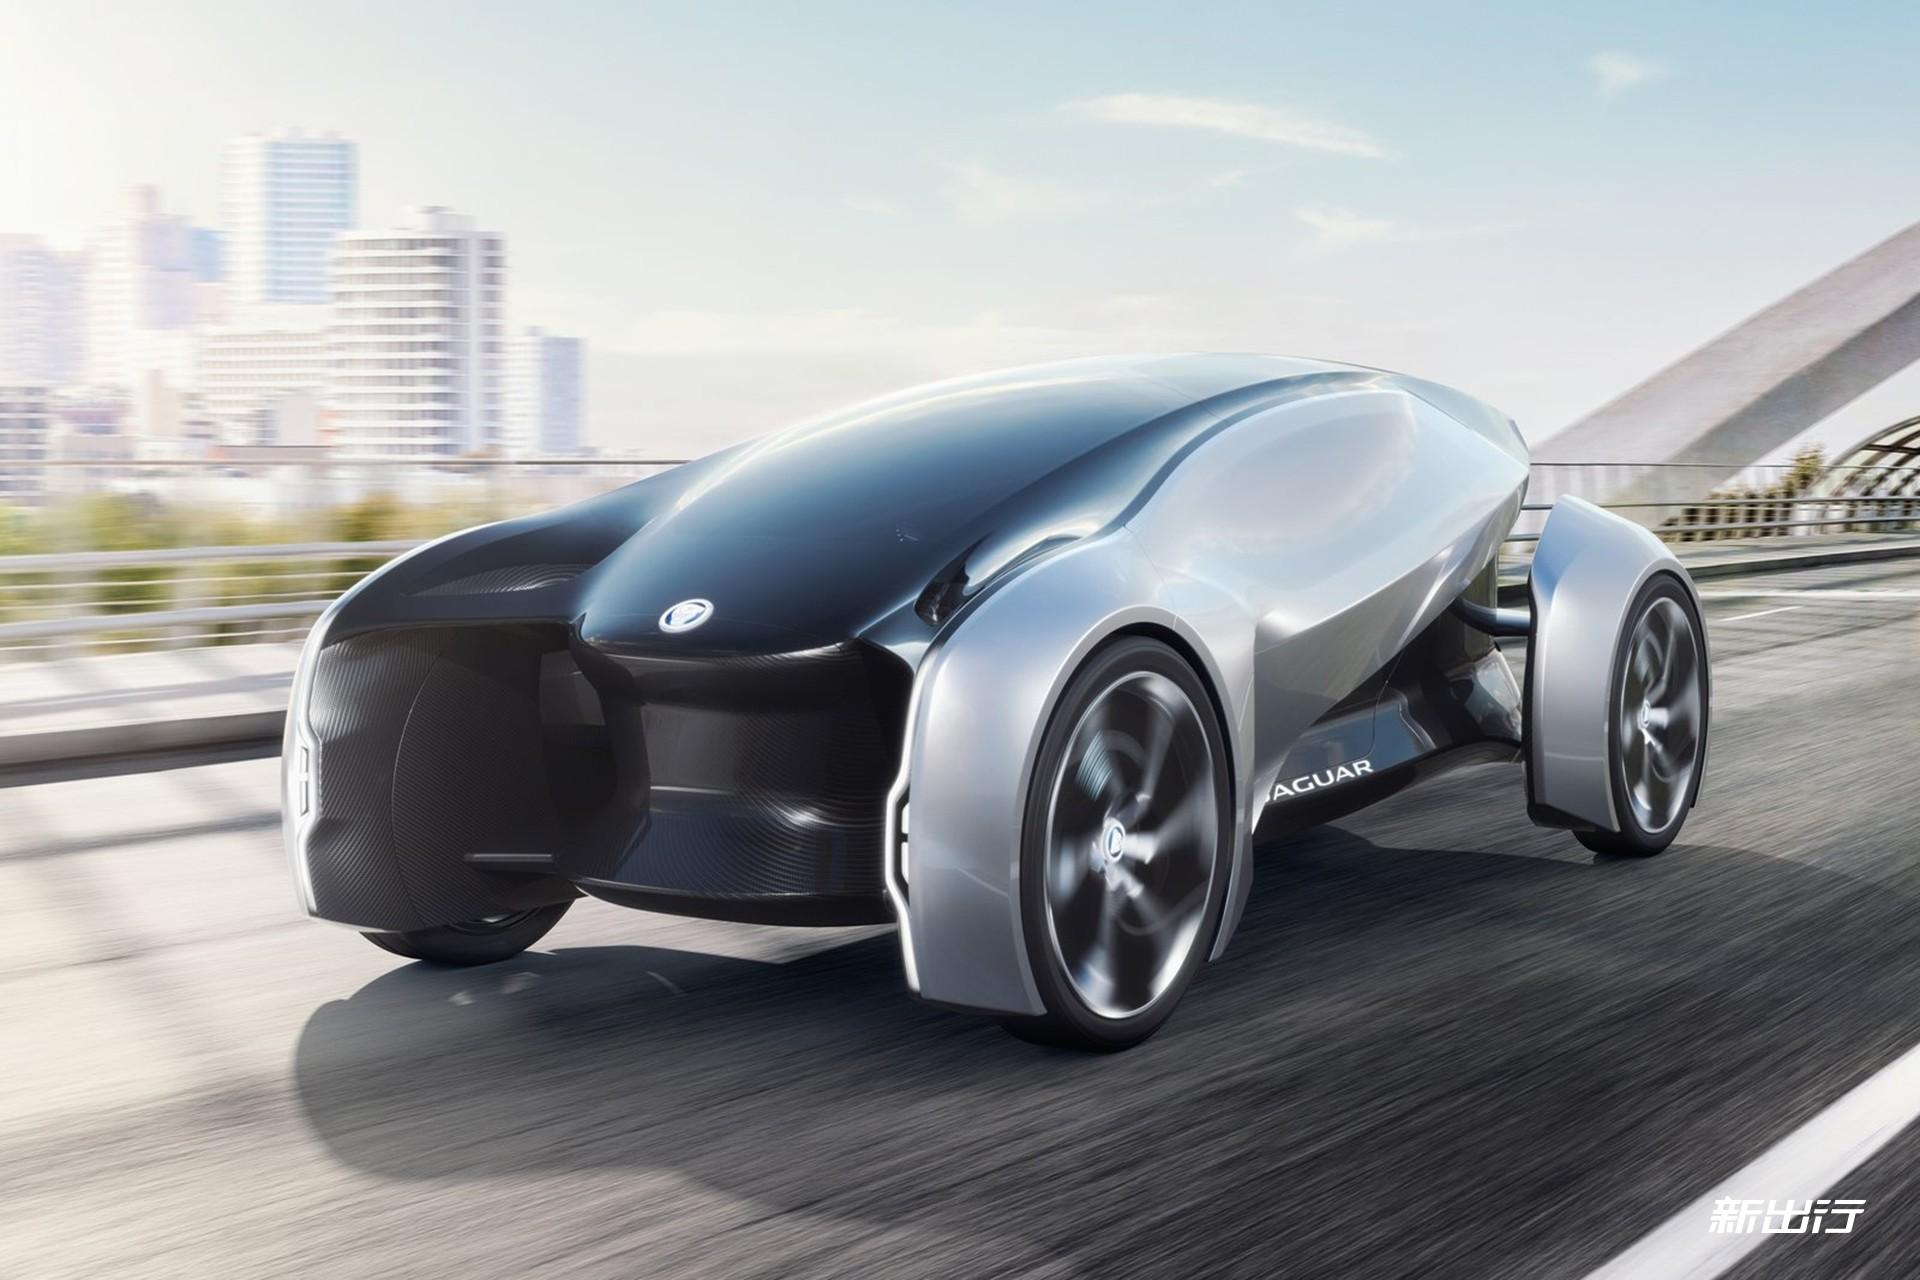 1-捷豹Future-Type概念车.jpg